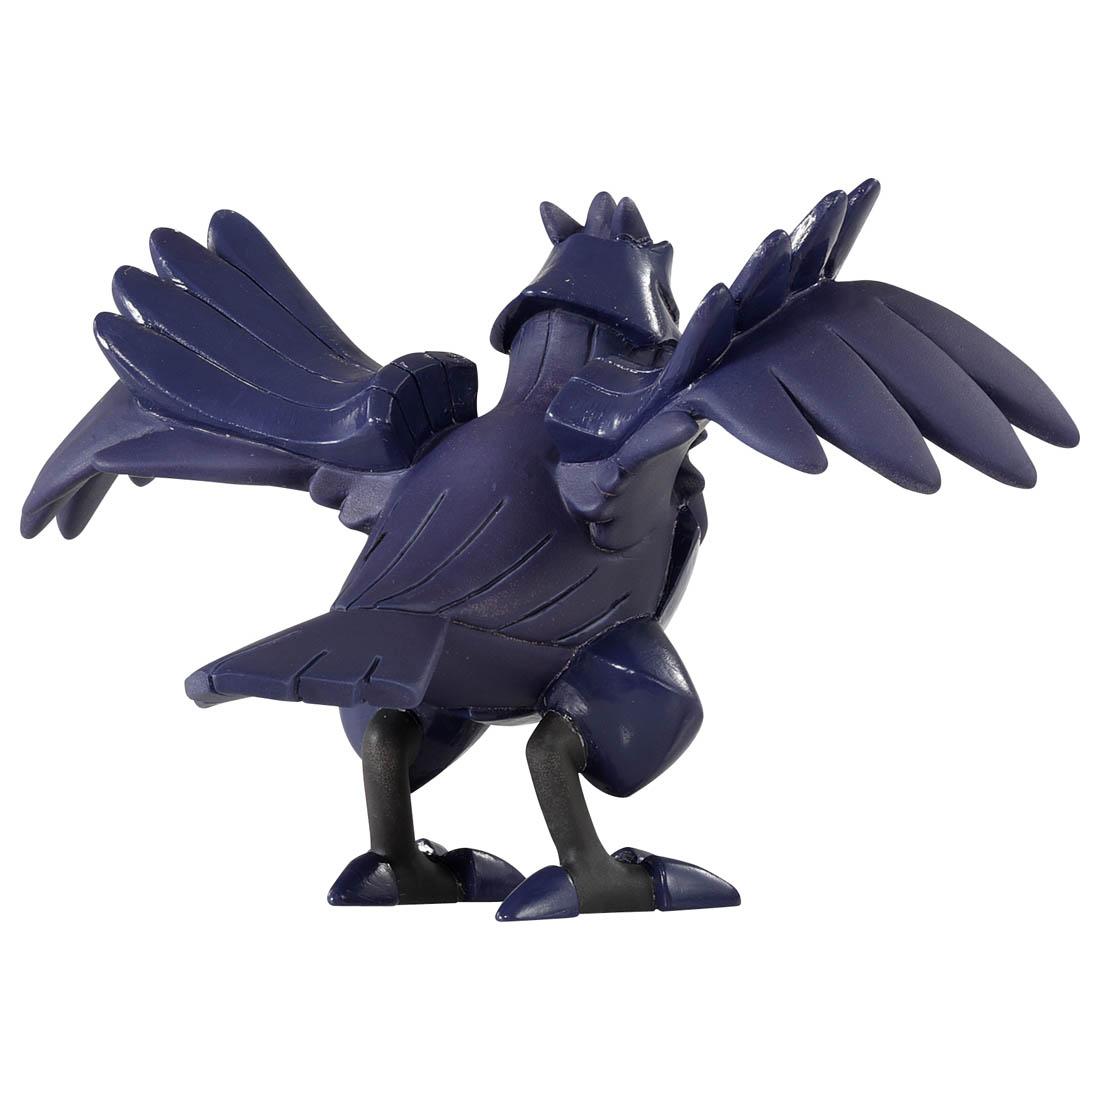 精靈寶可夢 神奇寶貝 MS-23 鋼鎧鴉